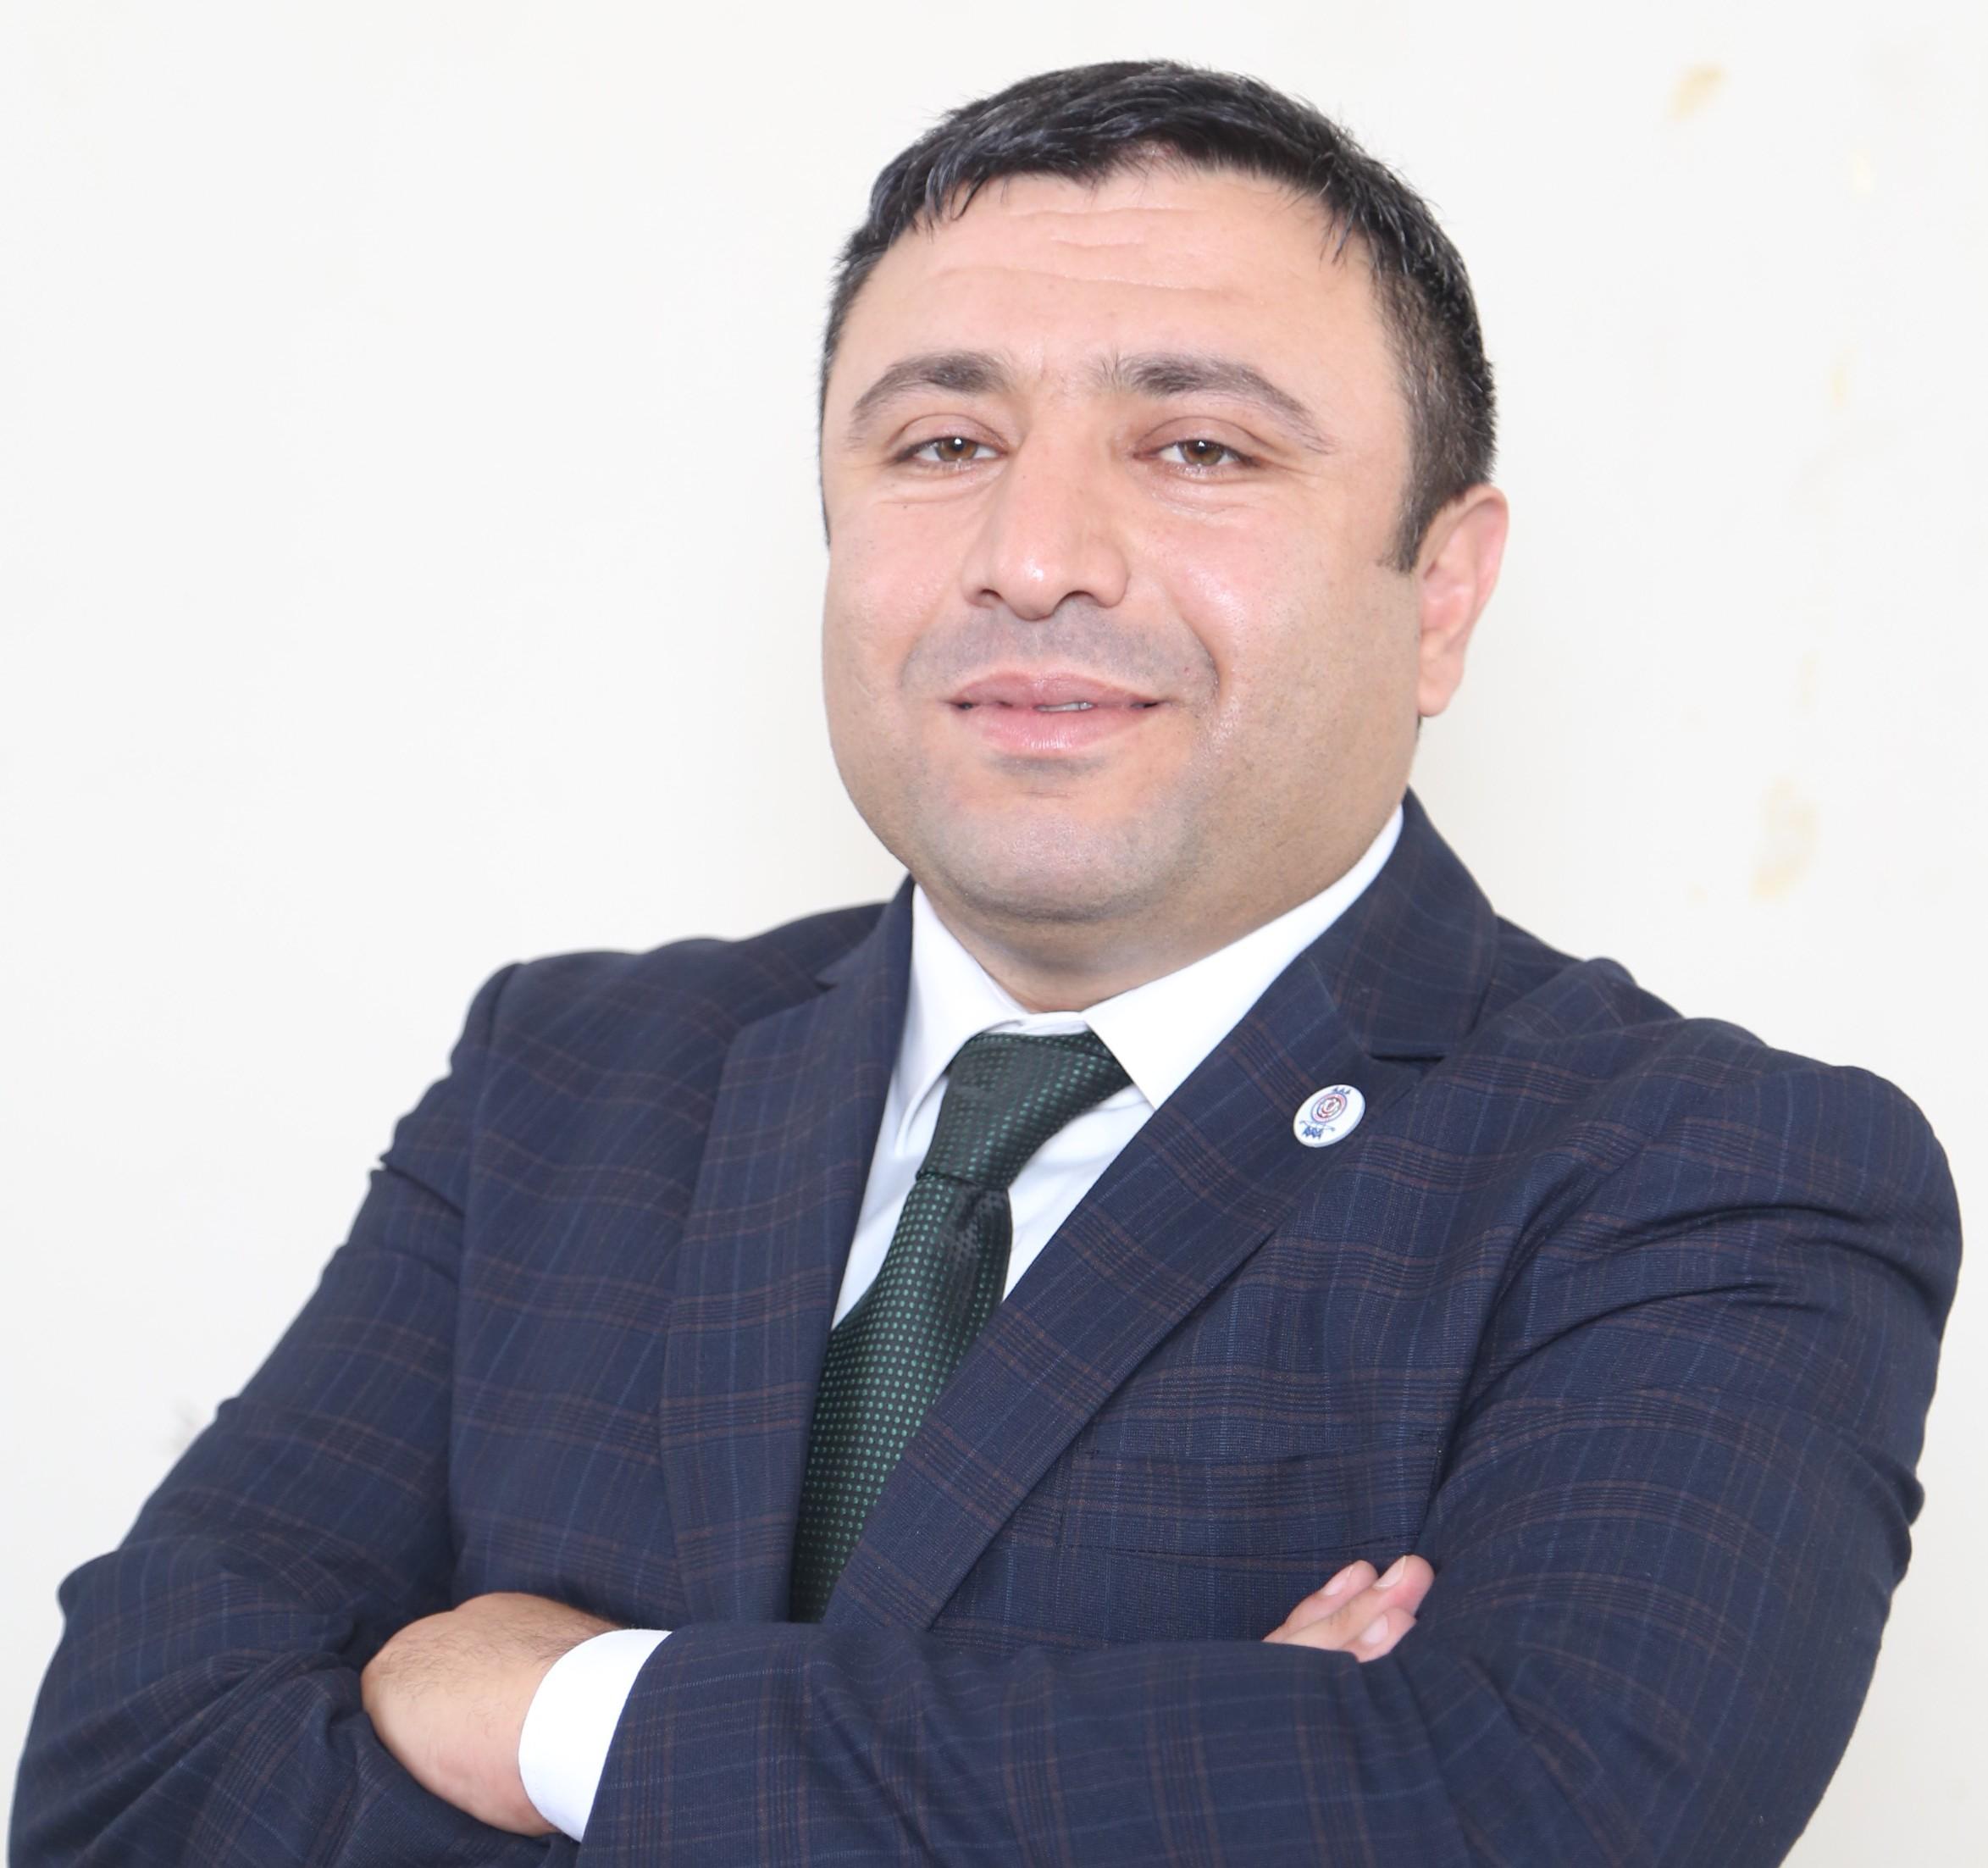 Photo of Bəşər Əsədi legitim prezident saymaq özü siyasi lətifə sayıla bilər